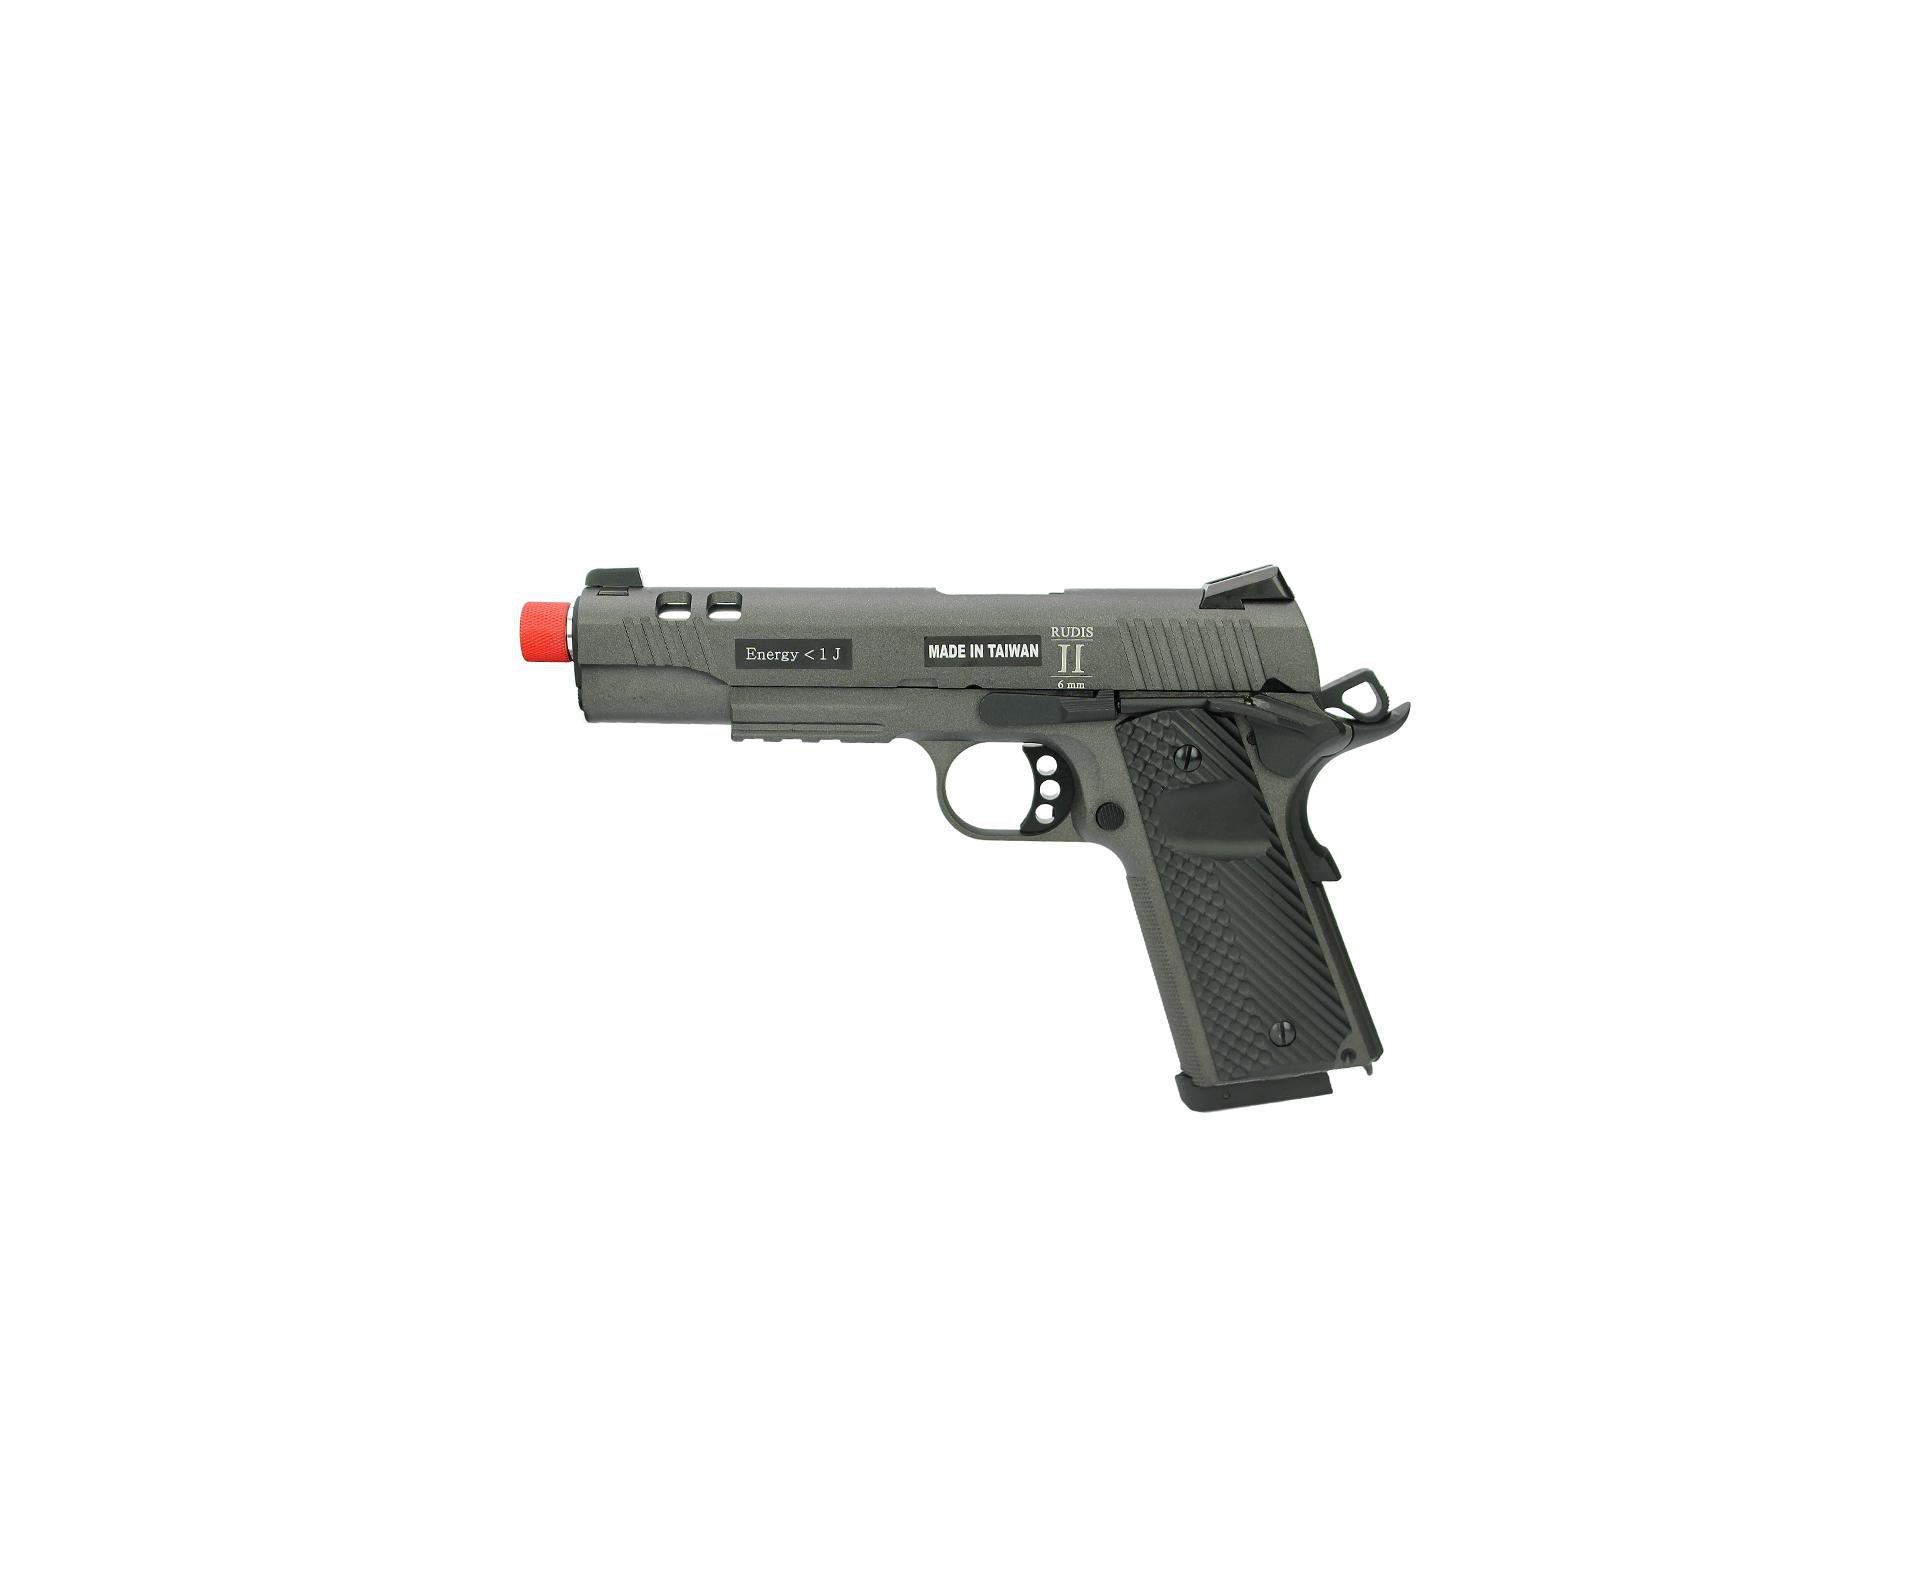 Pistola De Airsoft Co2 Secutor Rudis Ii Acta Non Verba Full Metal Com Blowback Cal 6mm